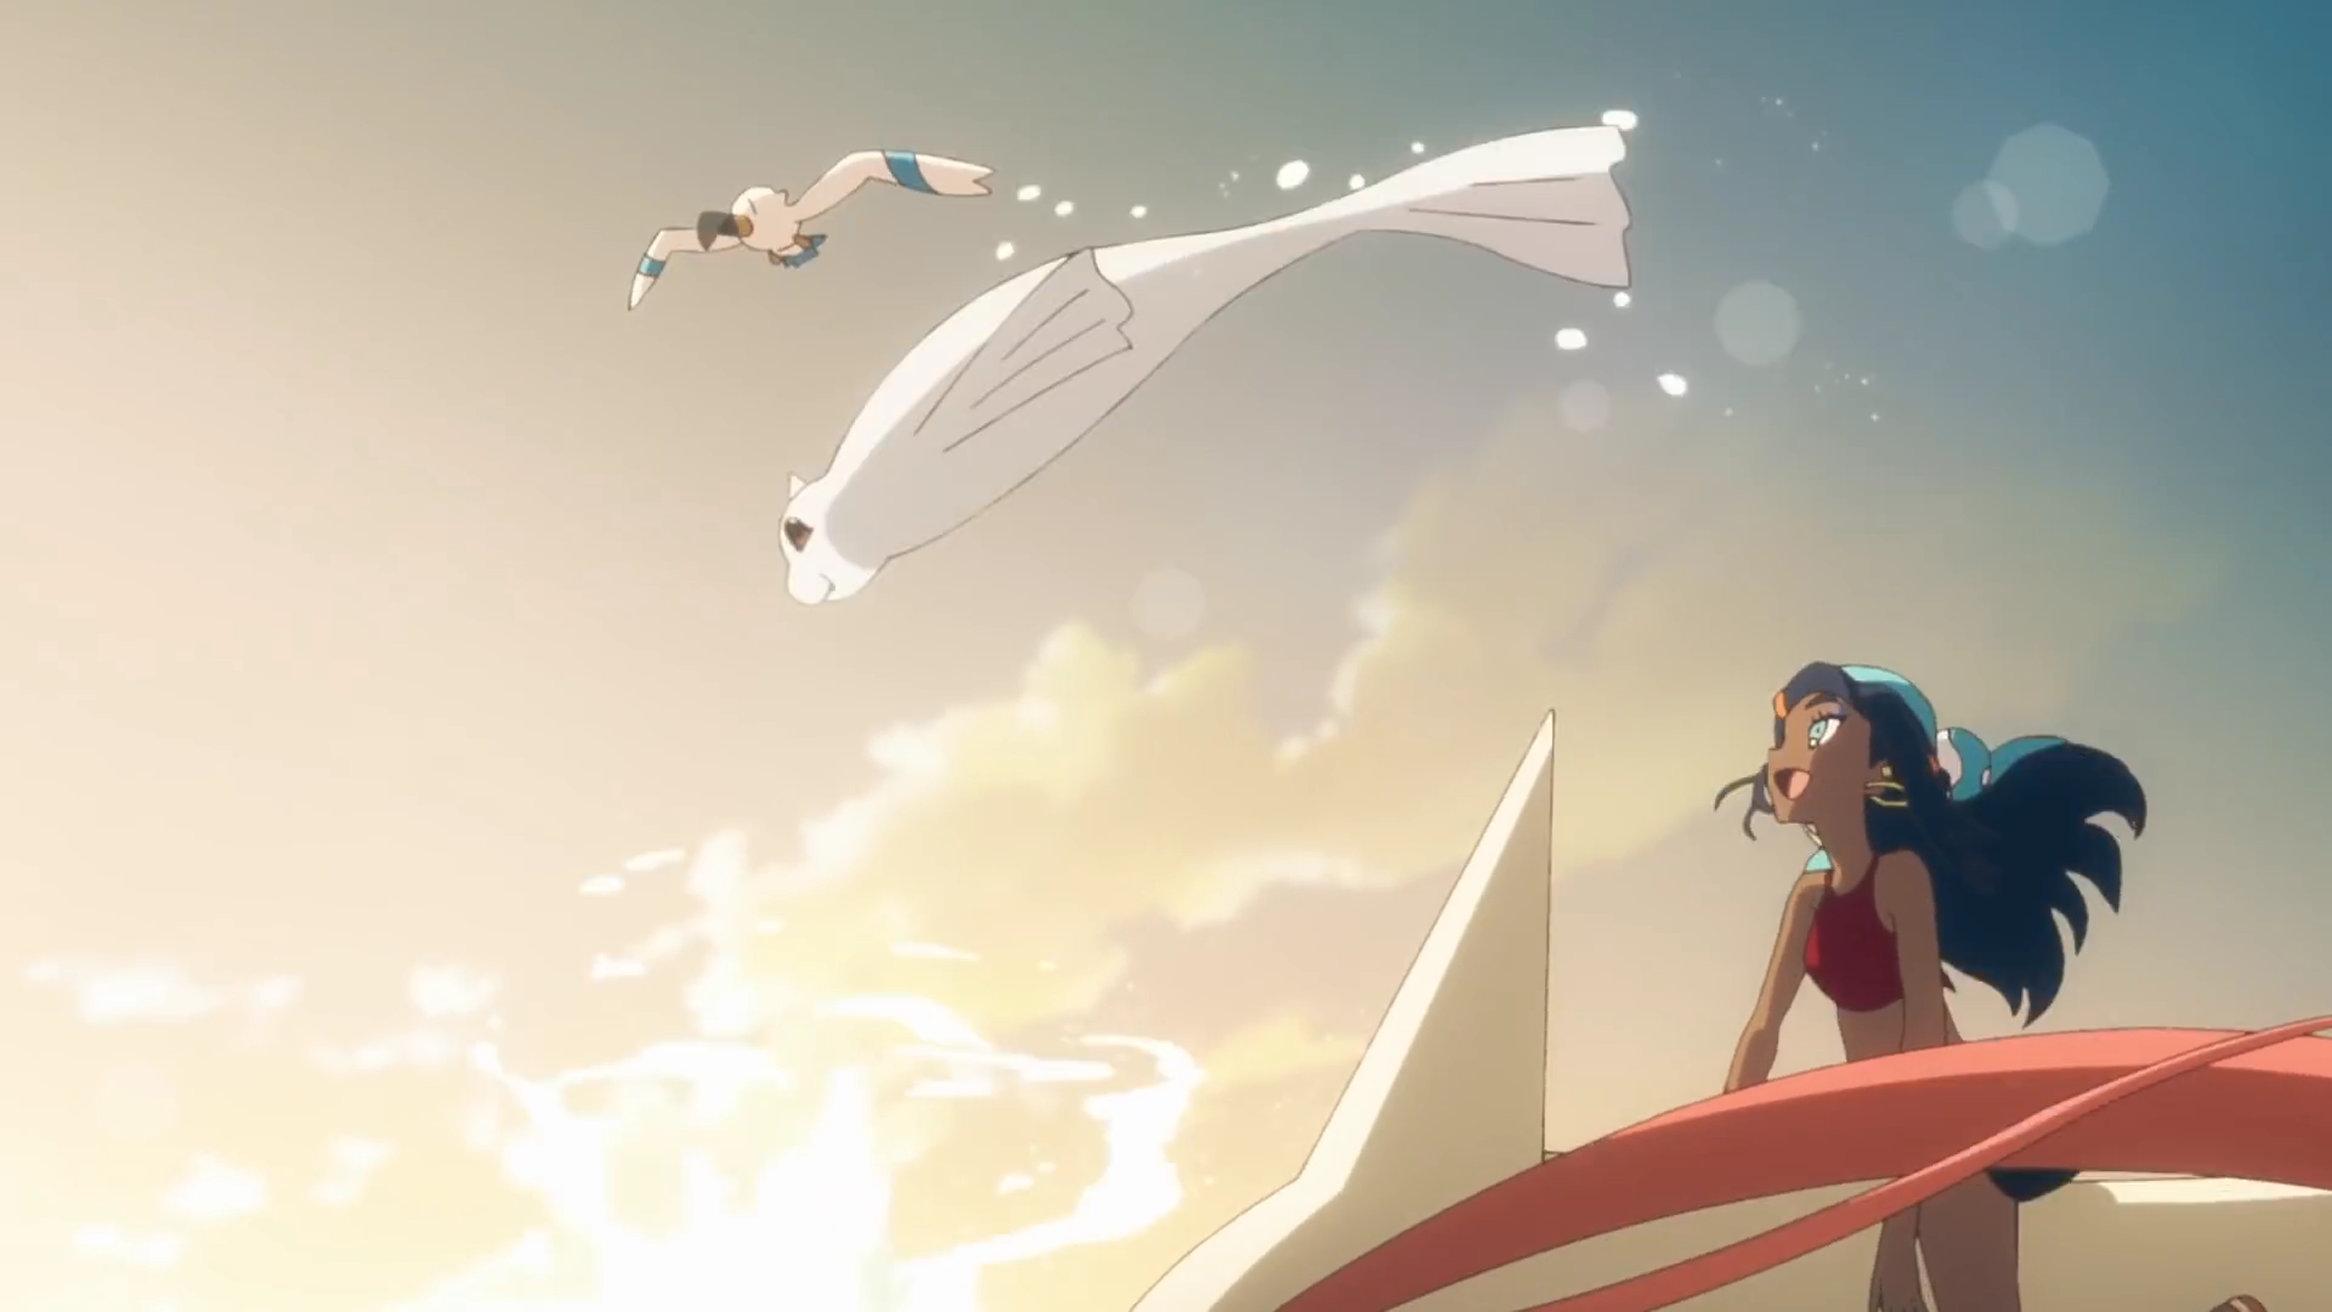 ポケモン ソード シールド、ジュゴンがアニメに登場し謝罪